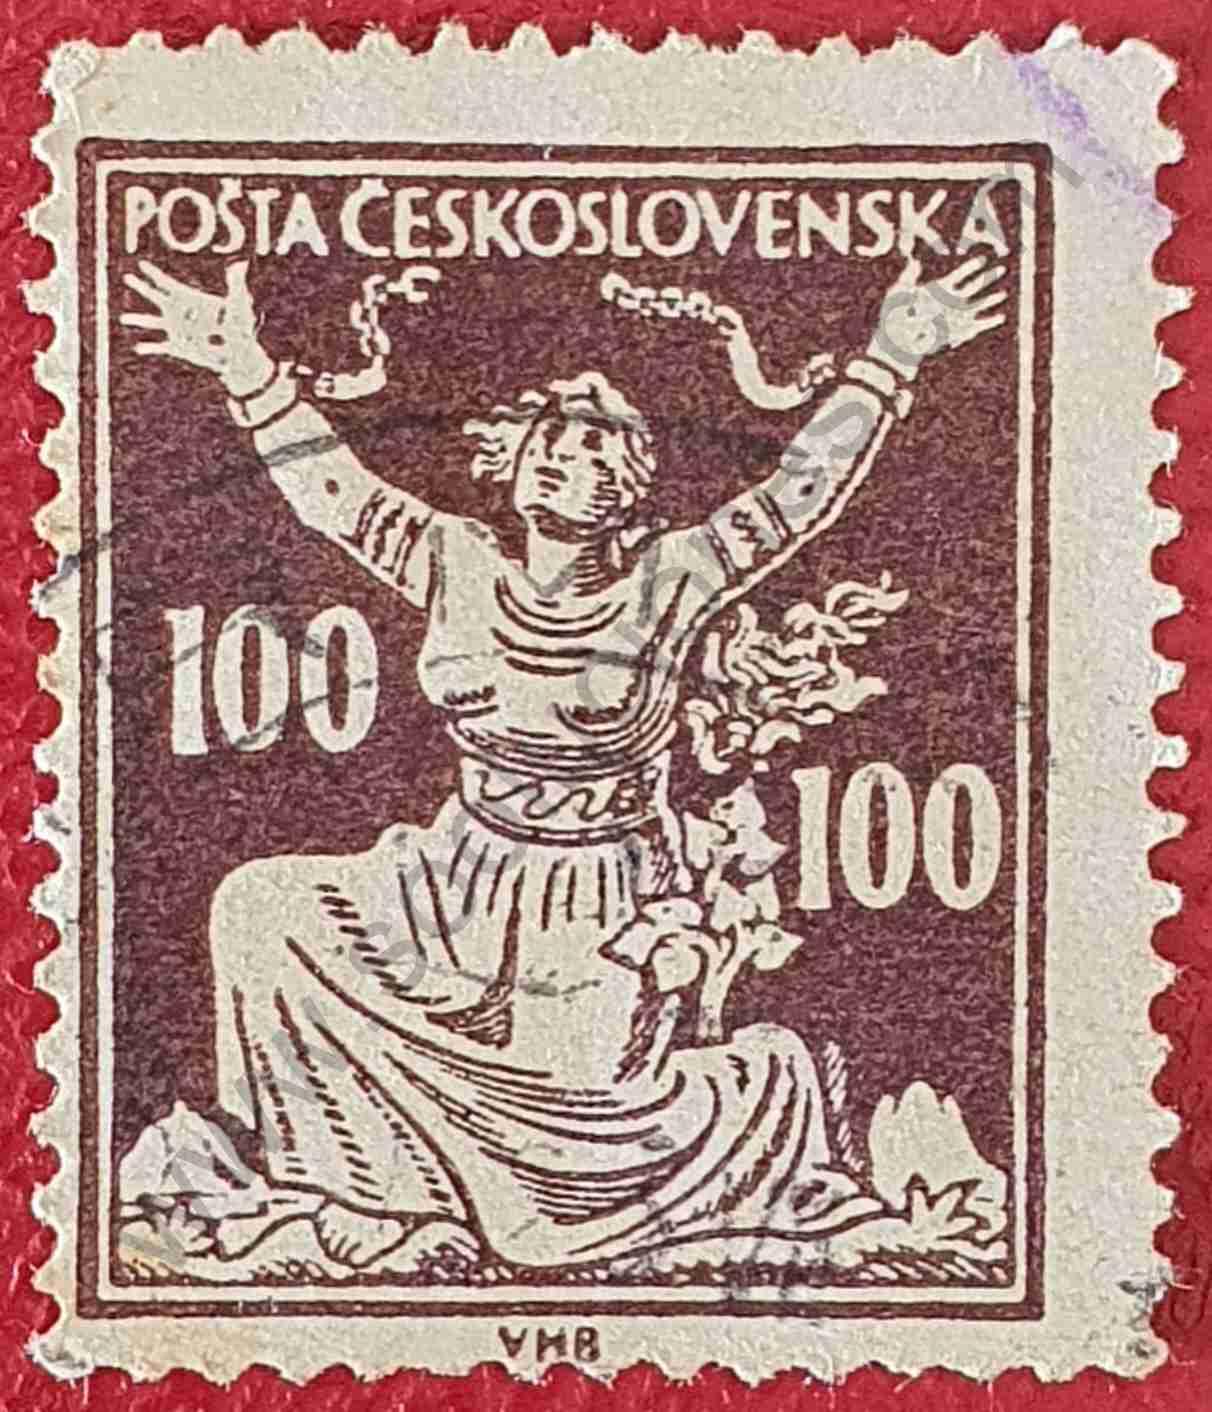 Rompiendo cadenas - Sello Checoslovaquia 1920